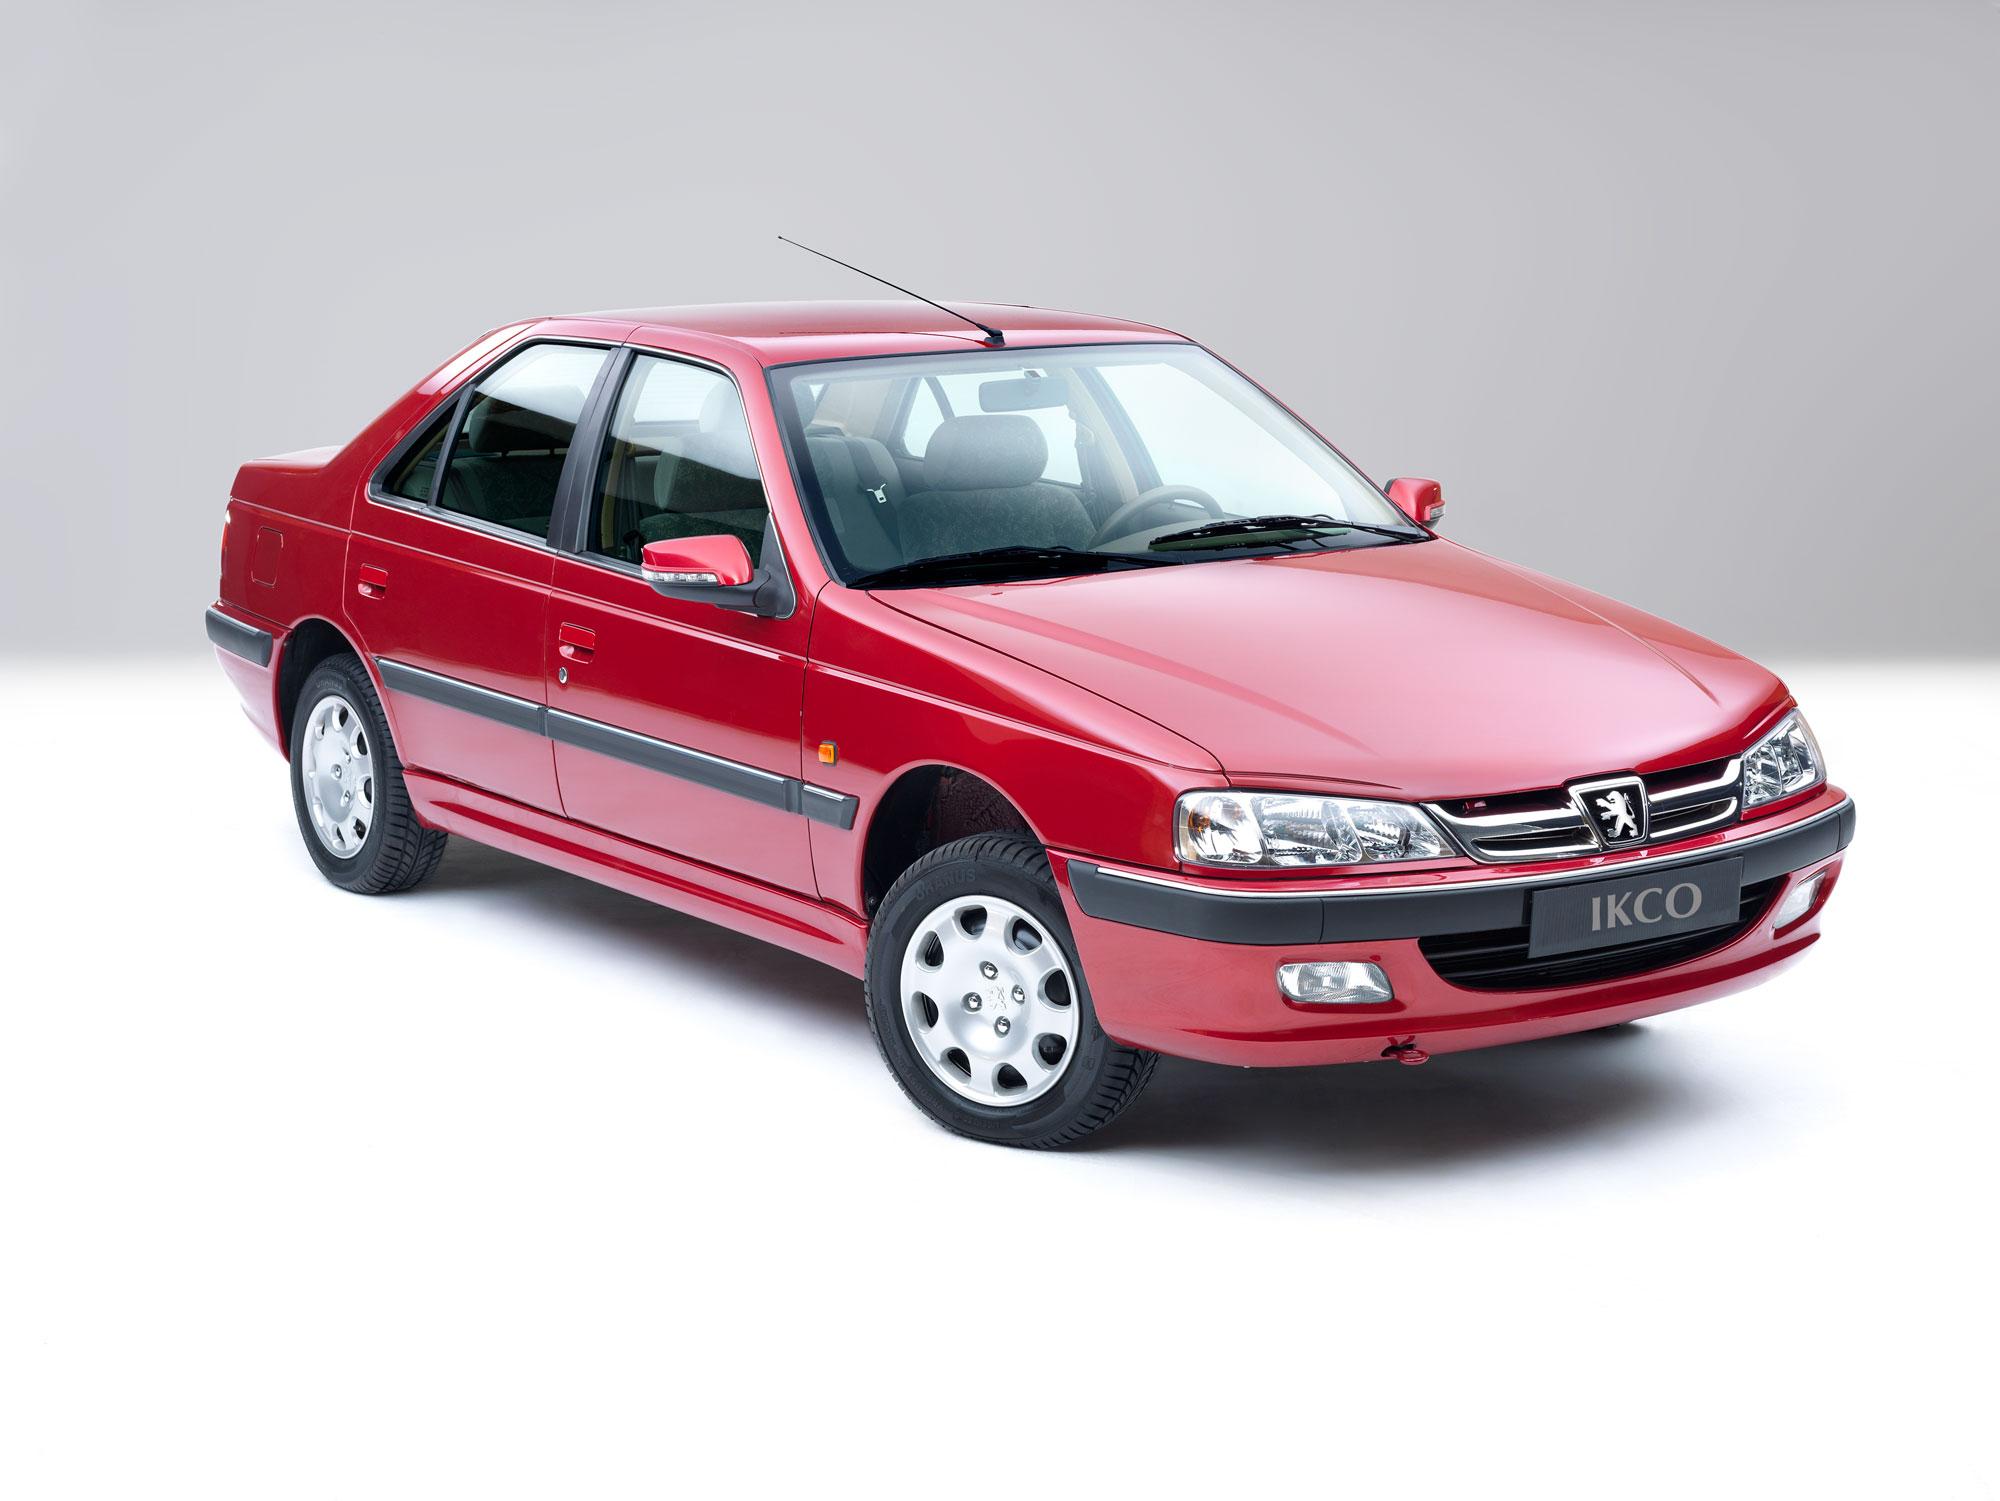 La Pars s'inspire de la Peugeot 406